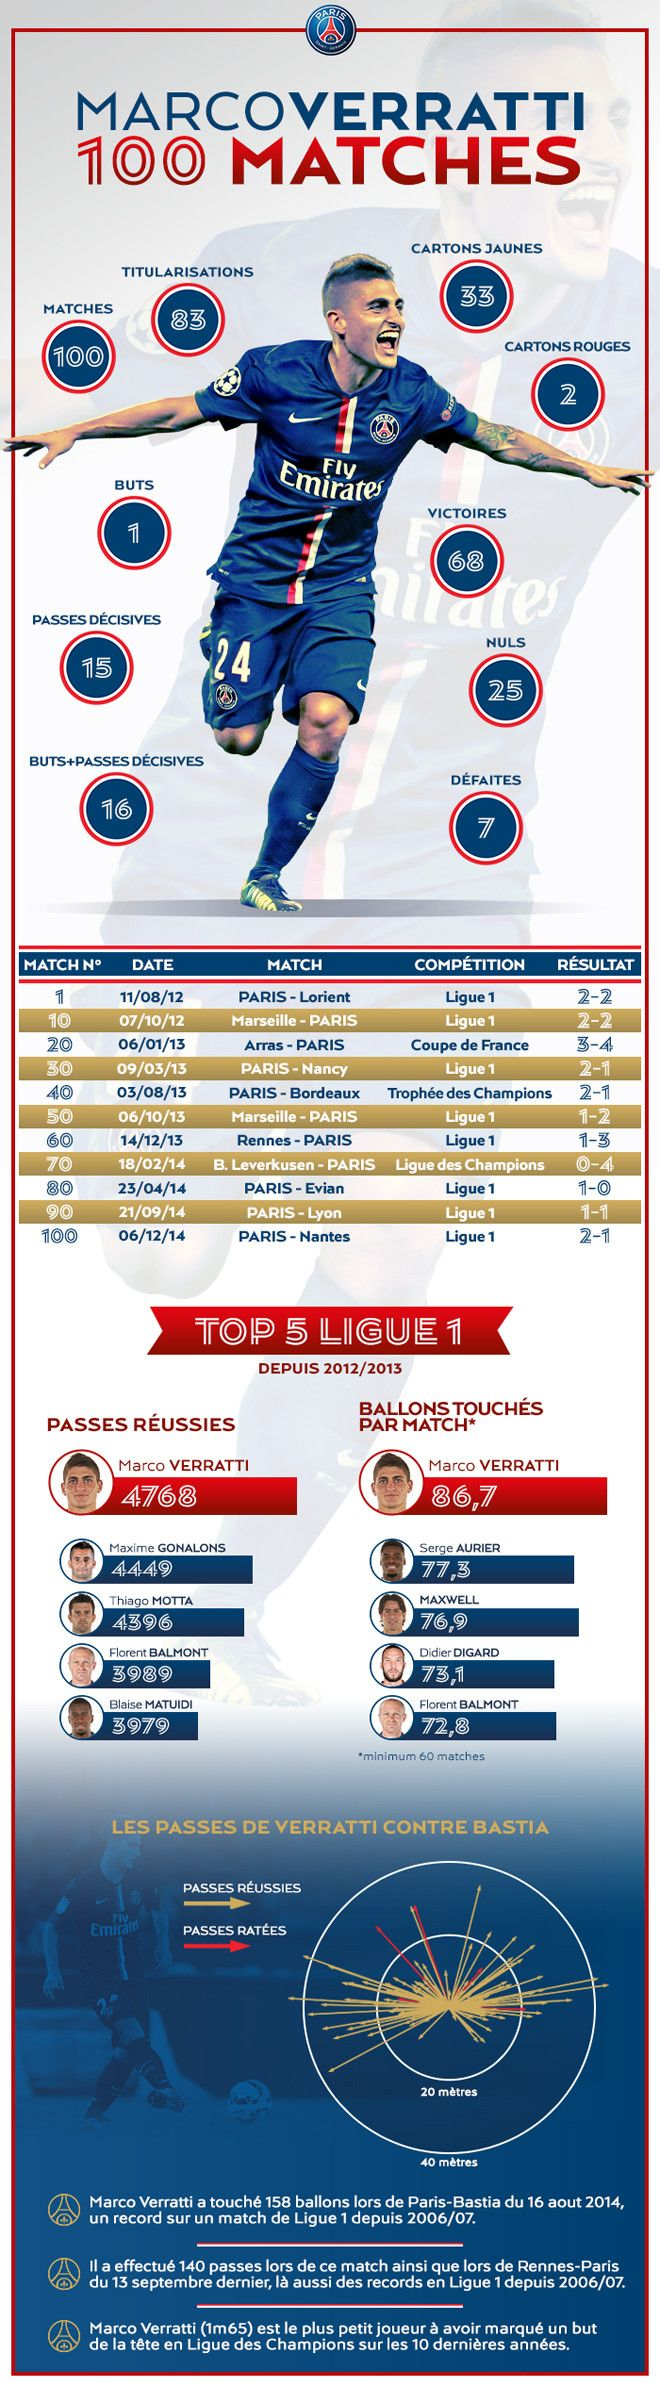 Tous les chiffres et infos à connaître à l'occasion du 100e match de Marco Verratti sous les couleurs de Paris, ce samedi face à Nantes (2-1).